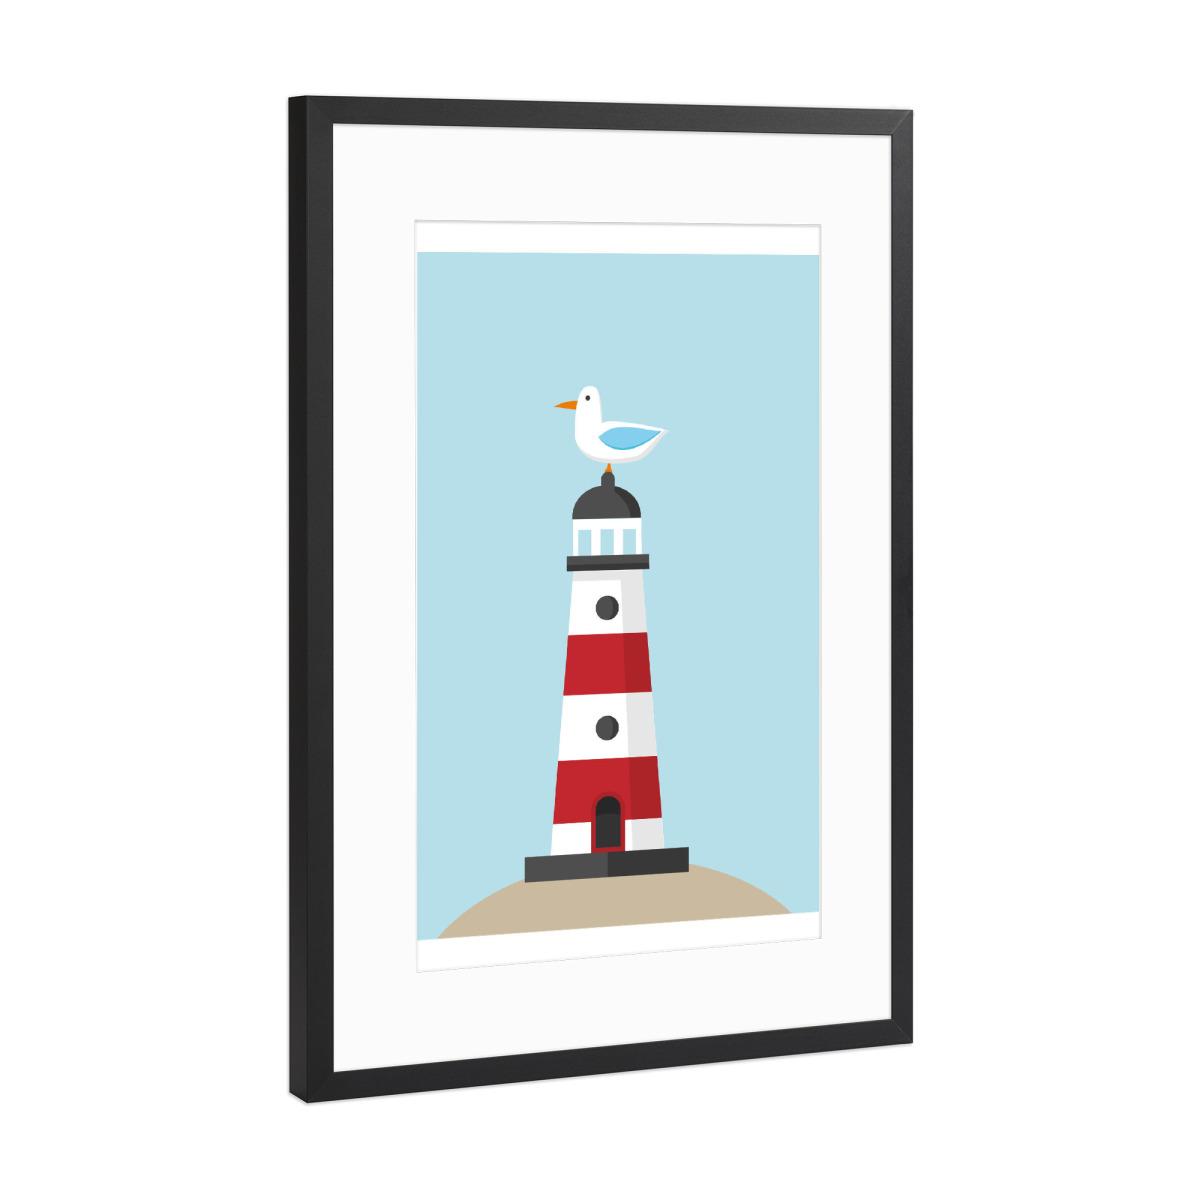 Leuchtturm als Gerahmt bei artboxONE kaufen